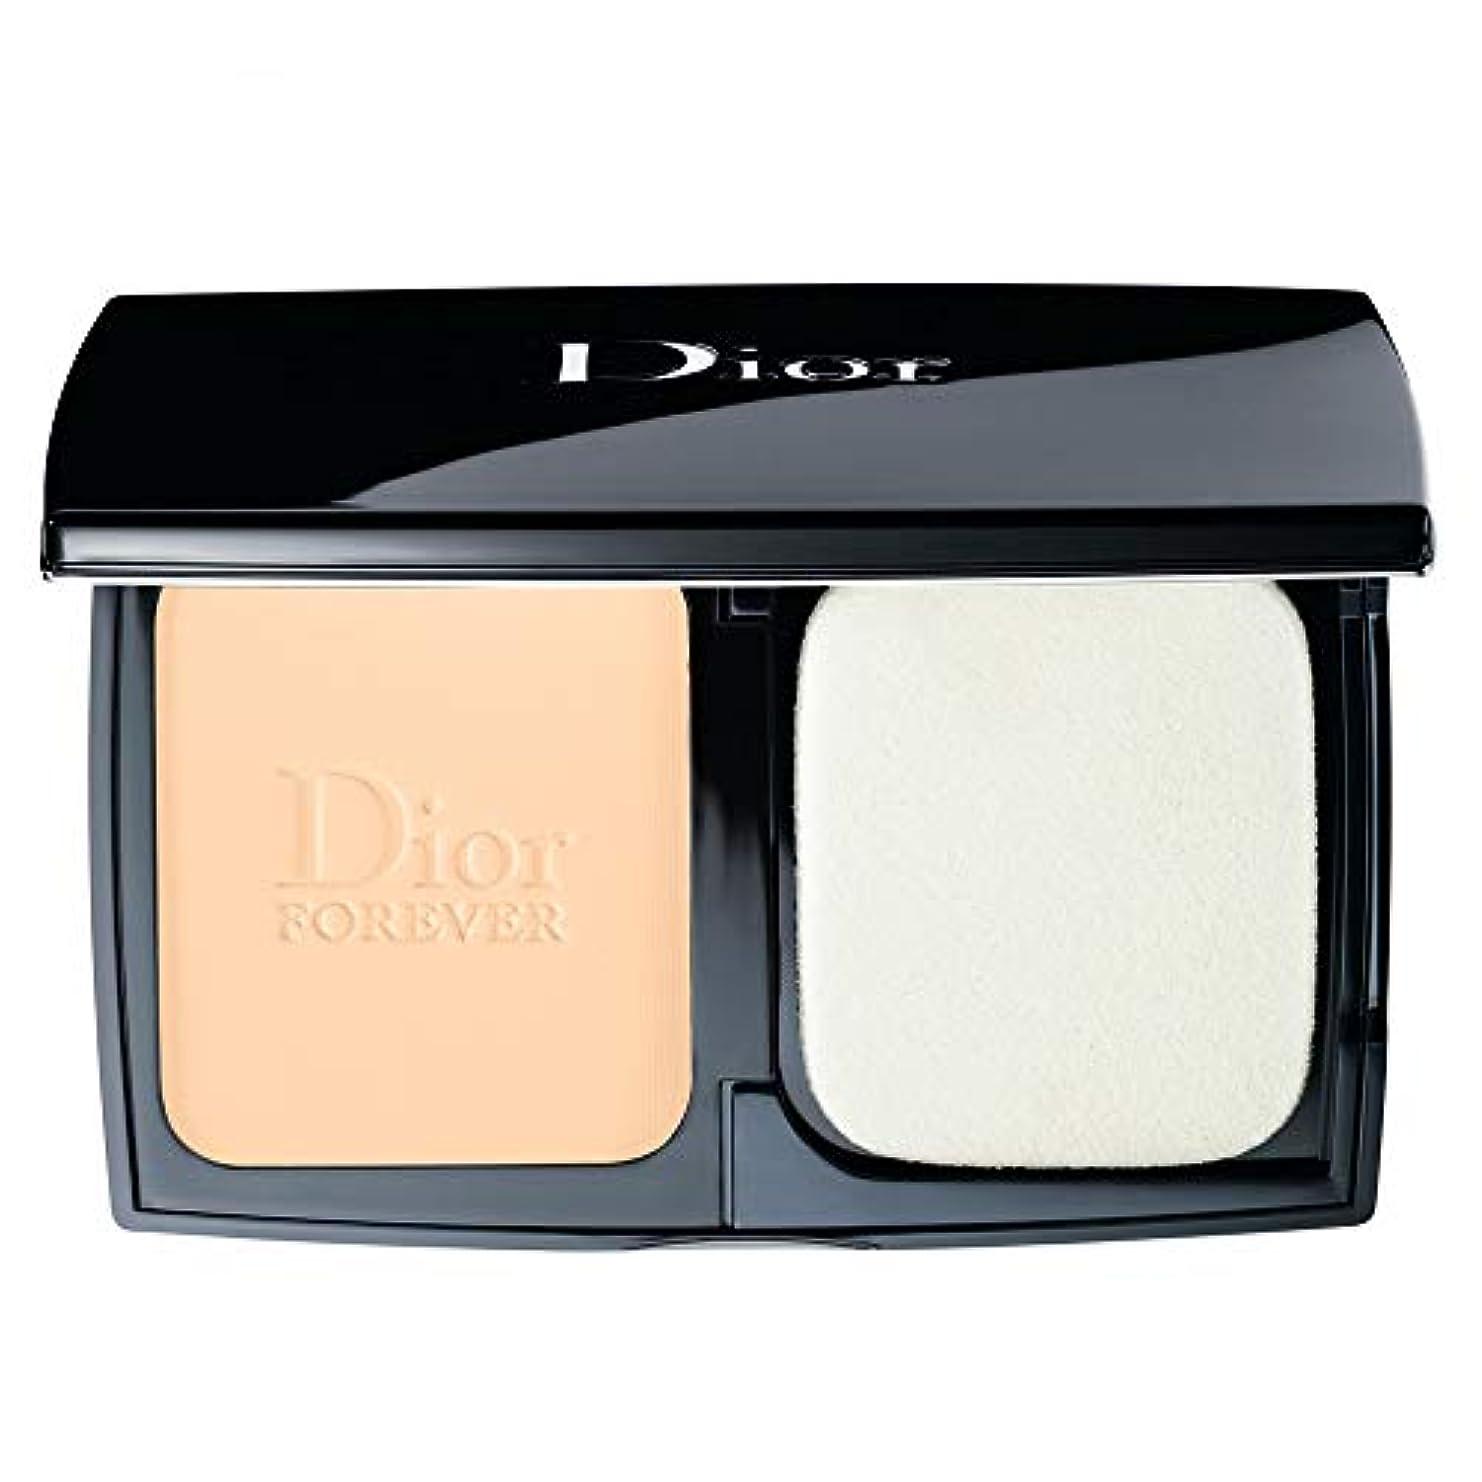 へこみ窒素インストールクリスチャンディオール Diorskin Forever Extreme Control Perfect Matte Powder Makeup SPF 20 - # 010 Ivory 9g/0.31oz並行輸入品